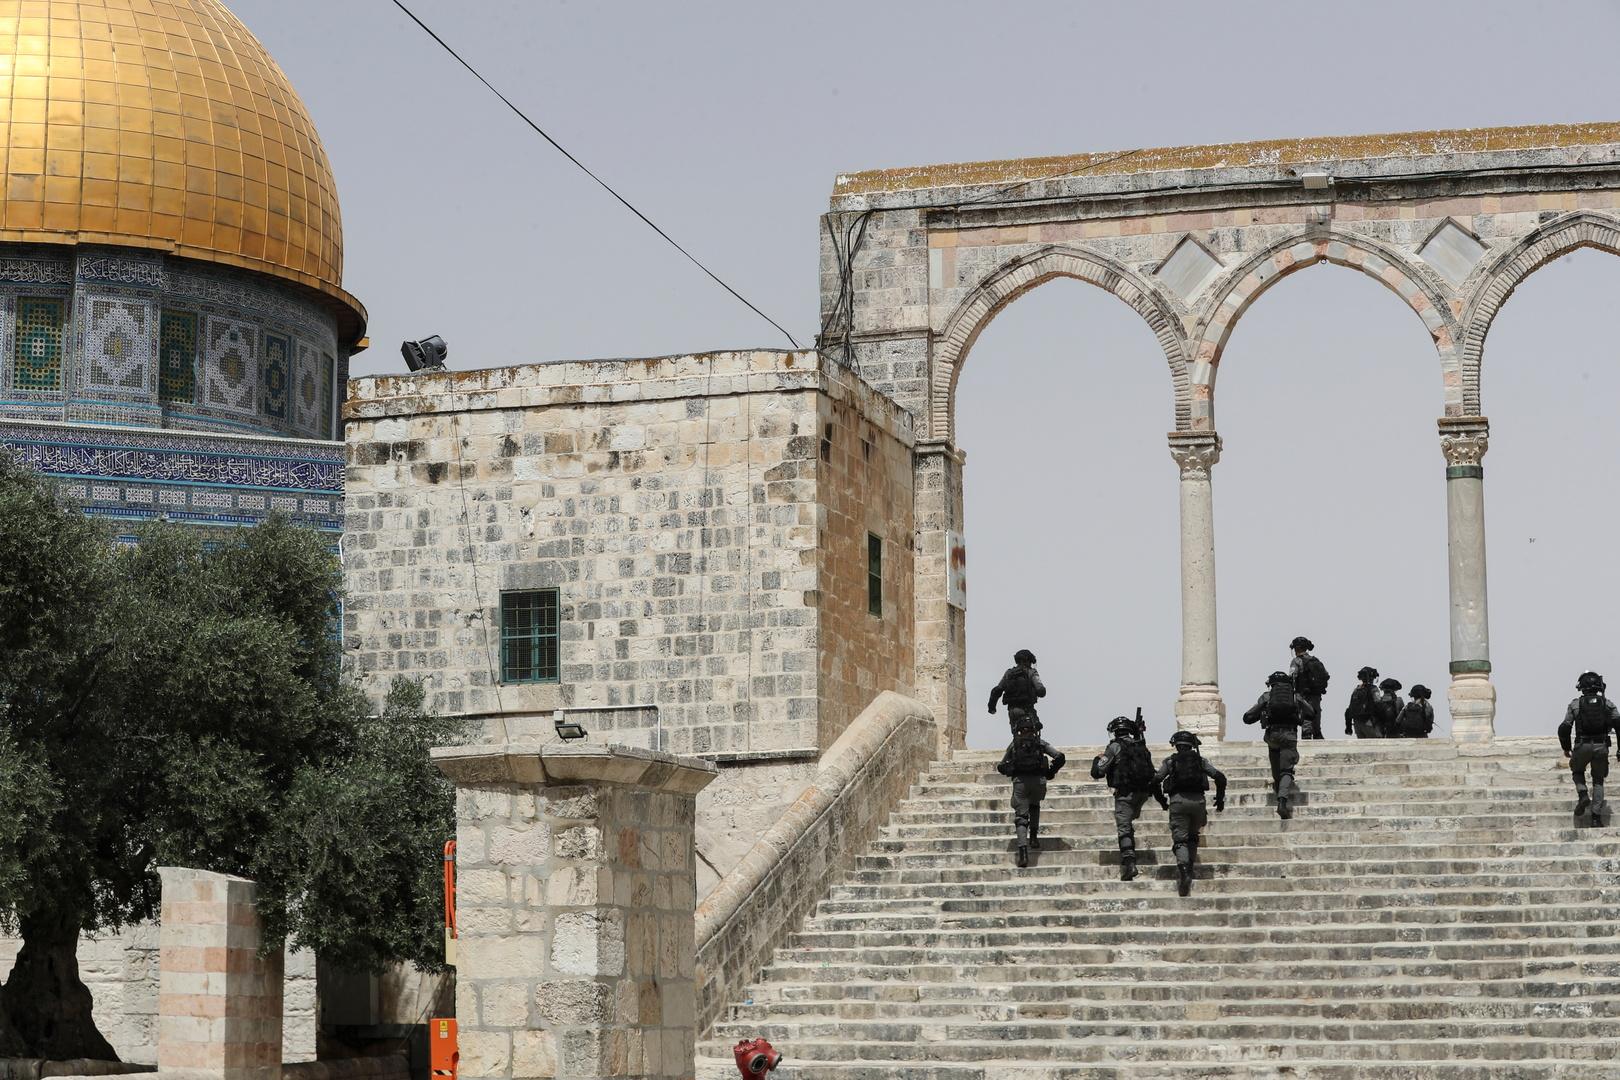 وزير خارجية إسرائيل لدى وصوله إلى القاهرة: تحرير أسرانا من قبضة